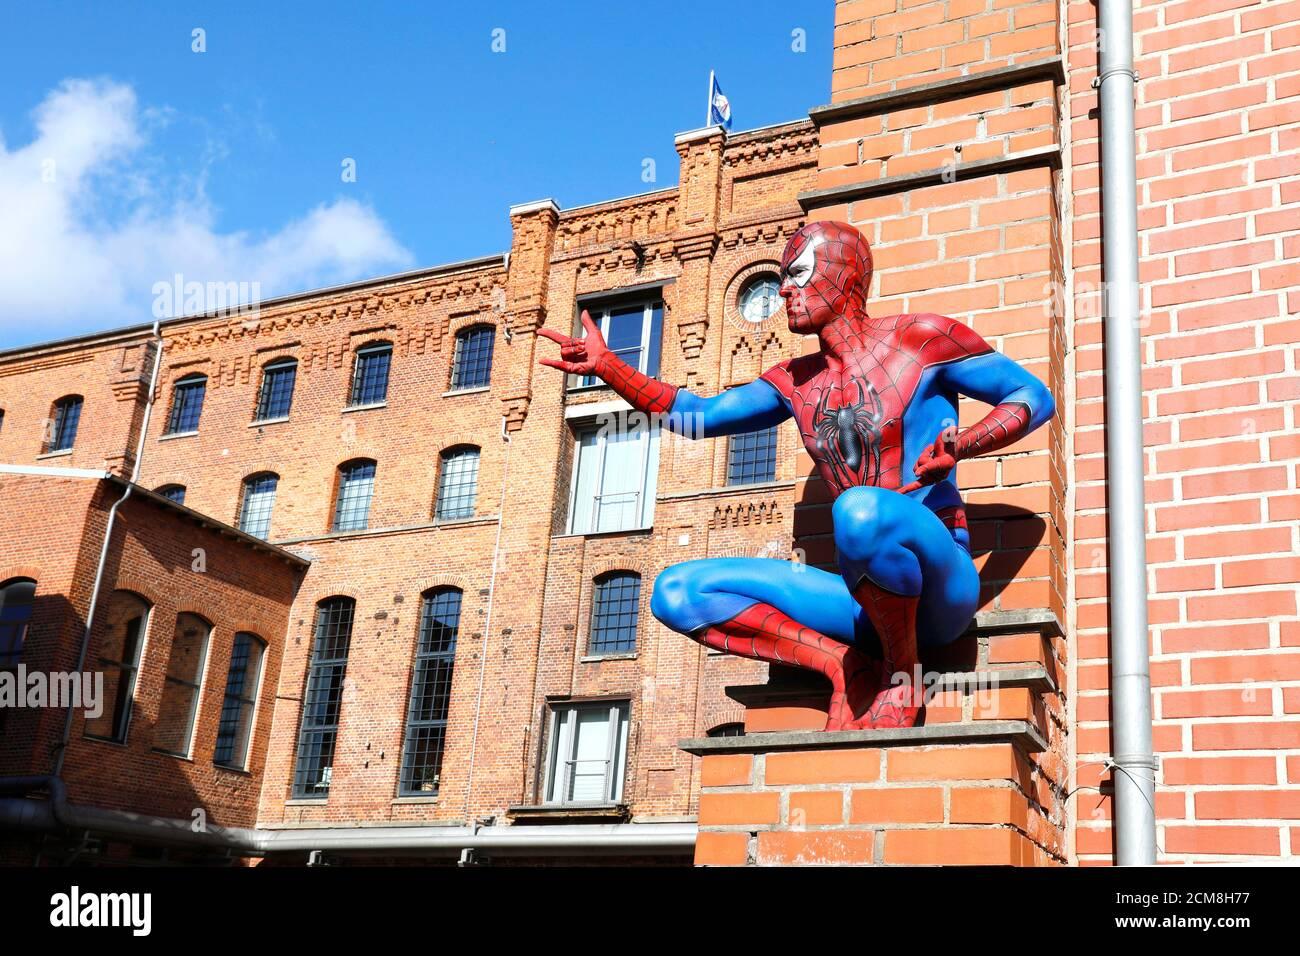 GEEK ART - Bodypainting e Transformaking: Foto di Spider-Man con Patrick Kiel all'Hefehof di Hamelin il 15 settembre 2020 - un progetto del fotografo Tschiponnique Skupin e del bodypainter Enrico Lein Foto Stock